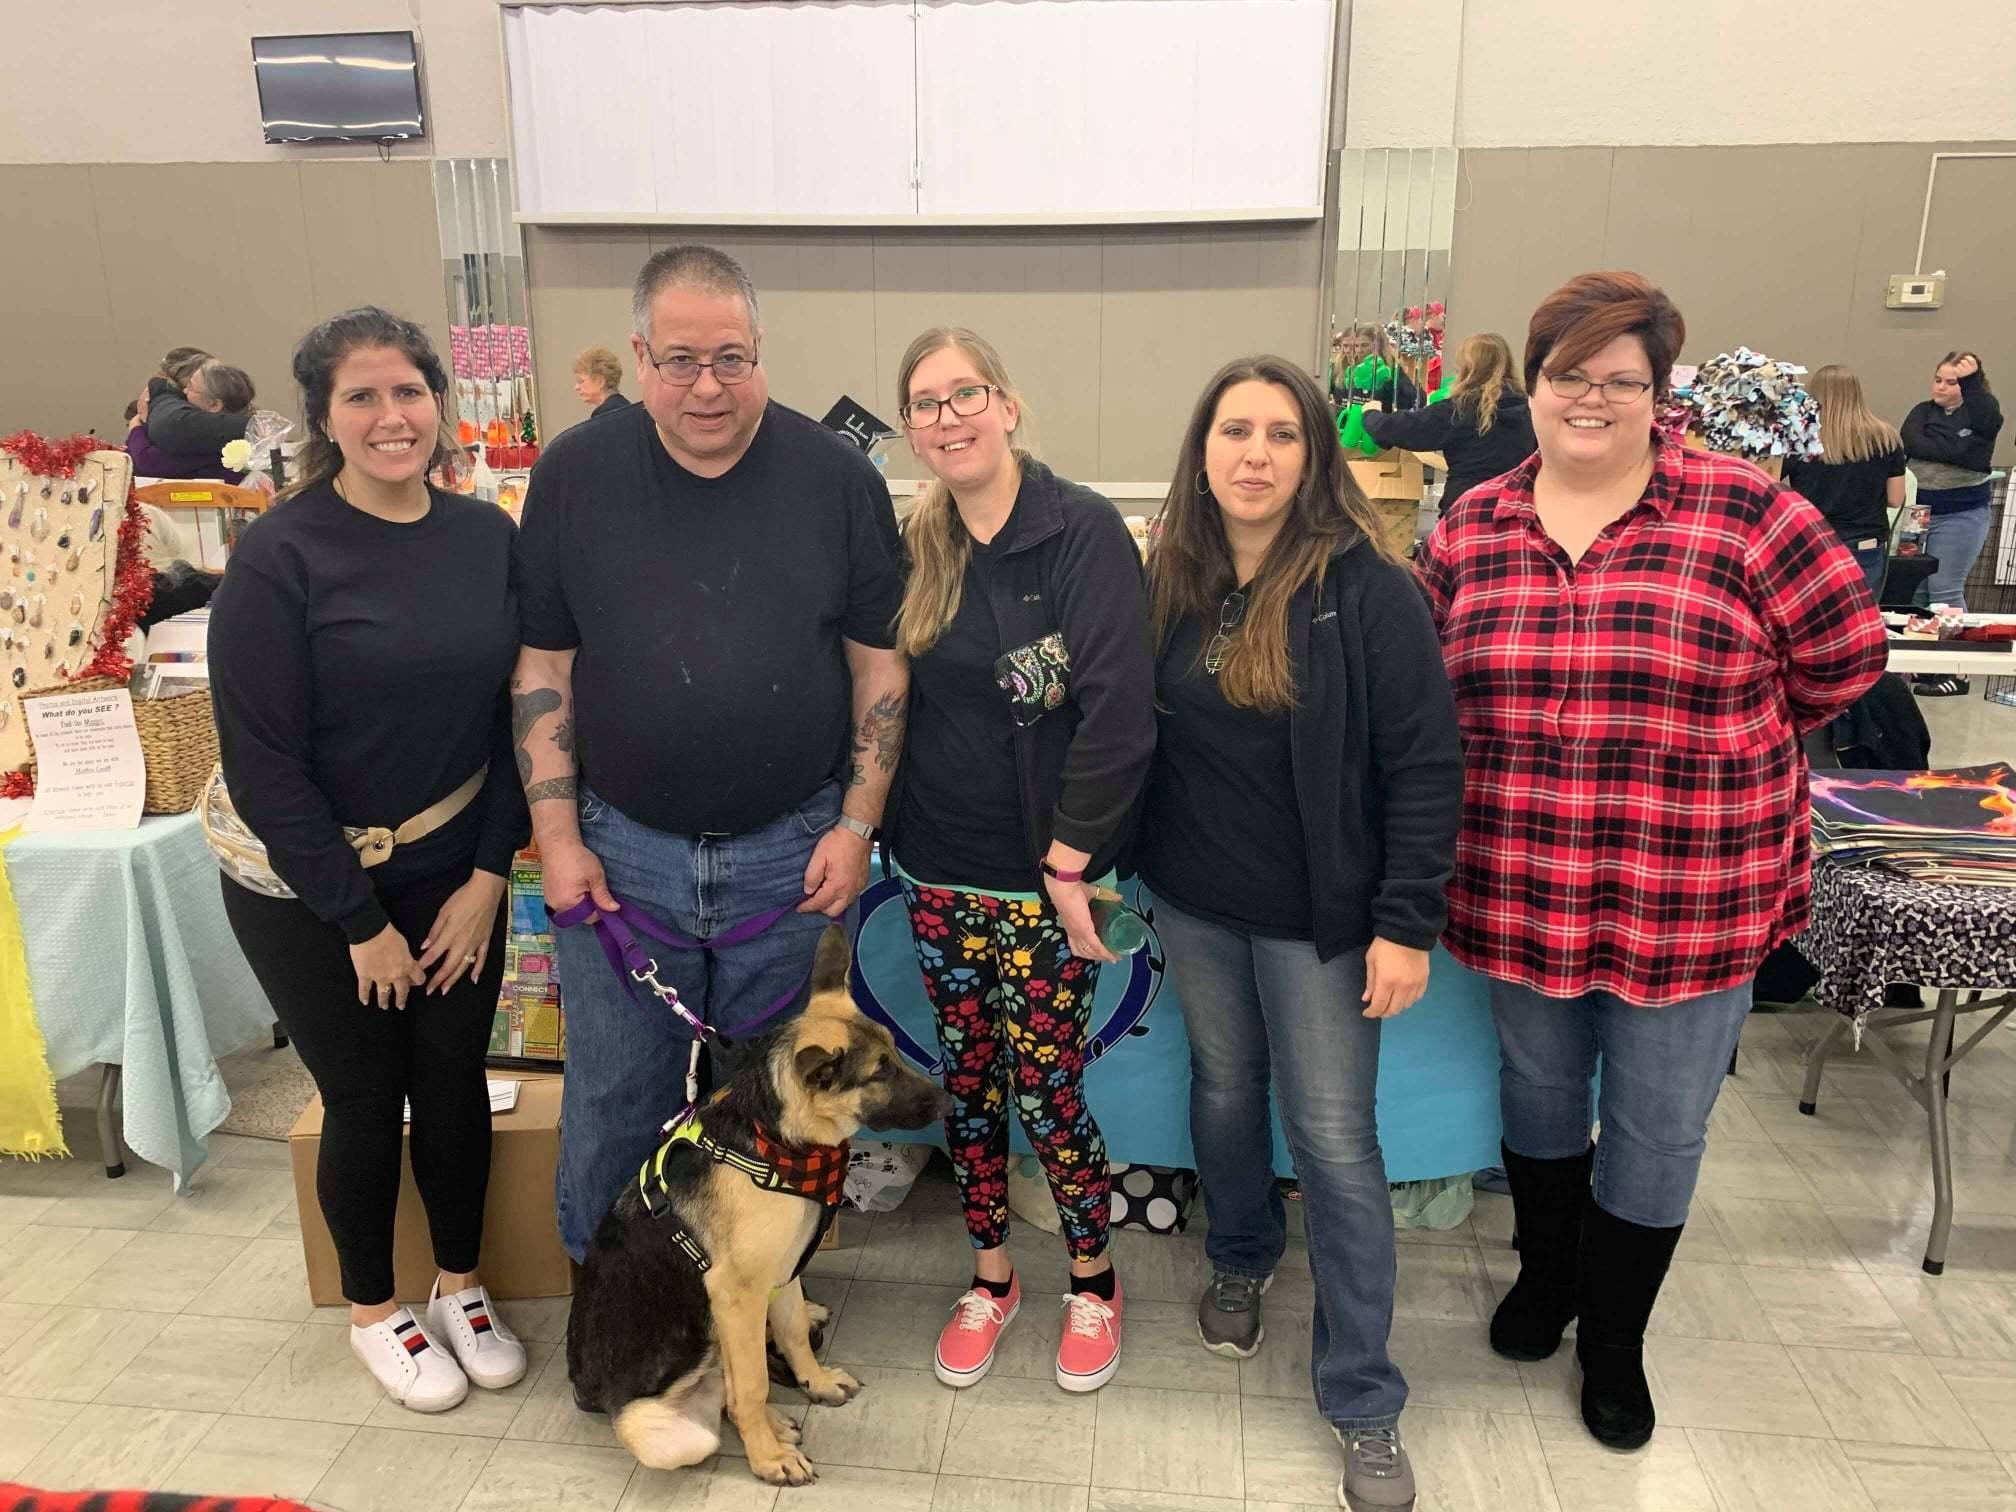 Buffalo Pet Ralley at VFW 898